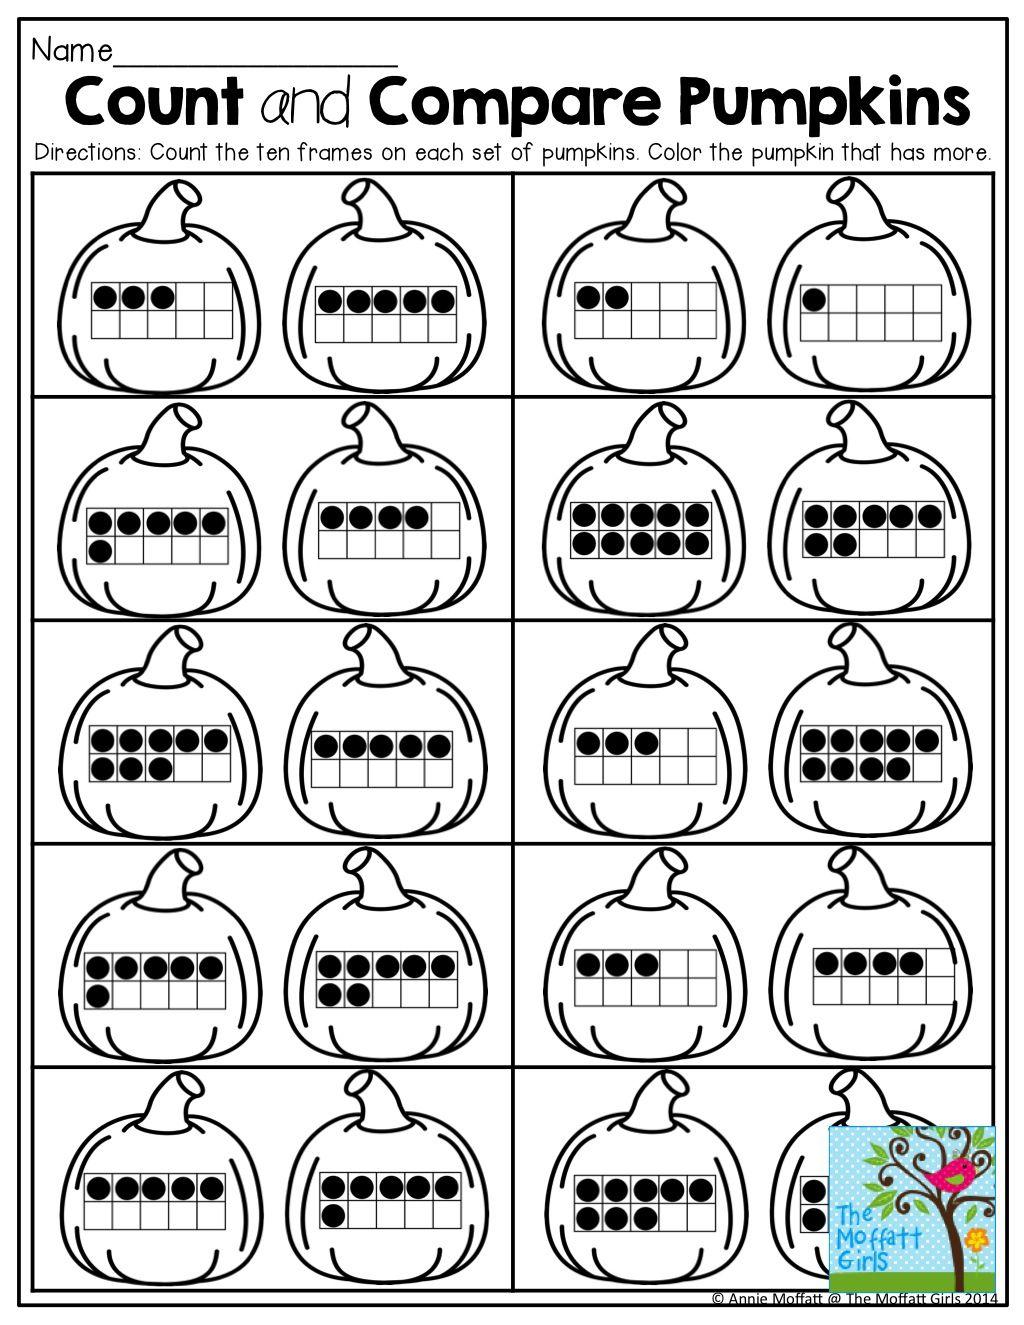 Workbooks ten frame worksheets printables : Count and Compare Pumpkins with Ten Frames! | KinderLand ...